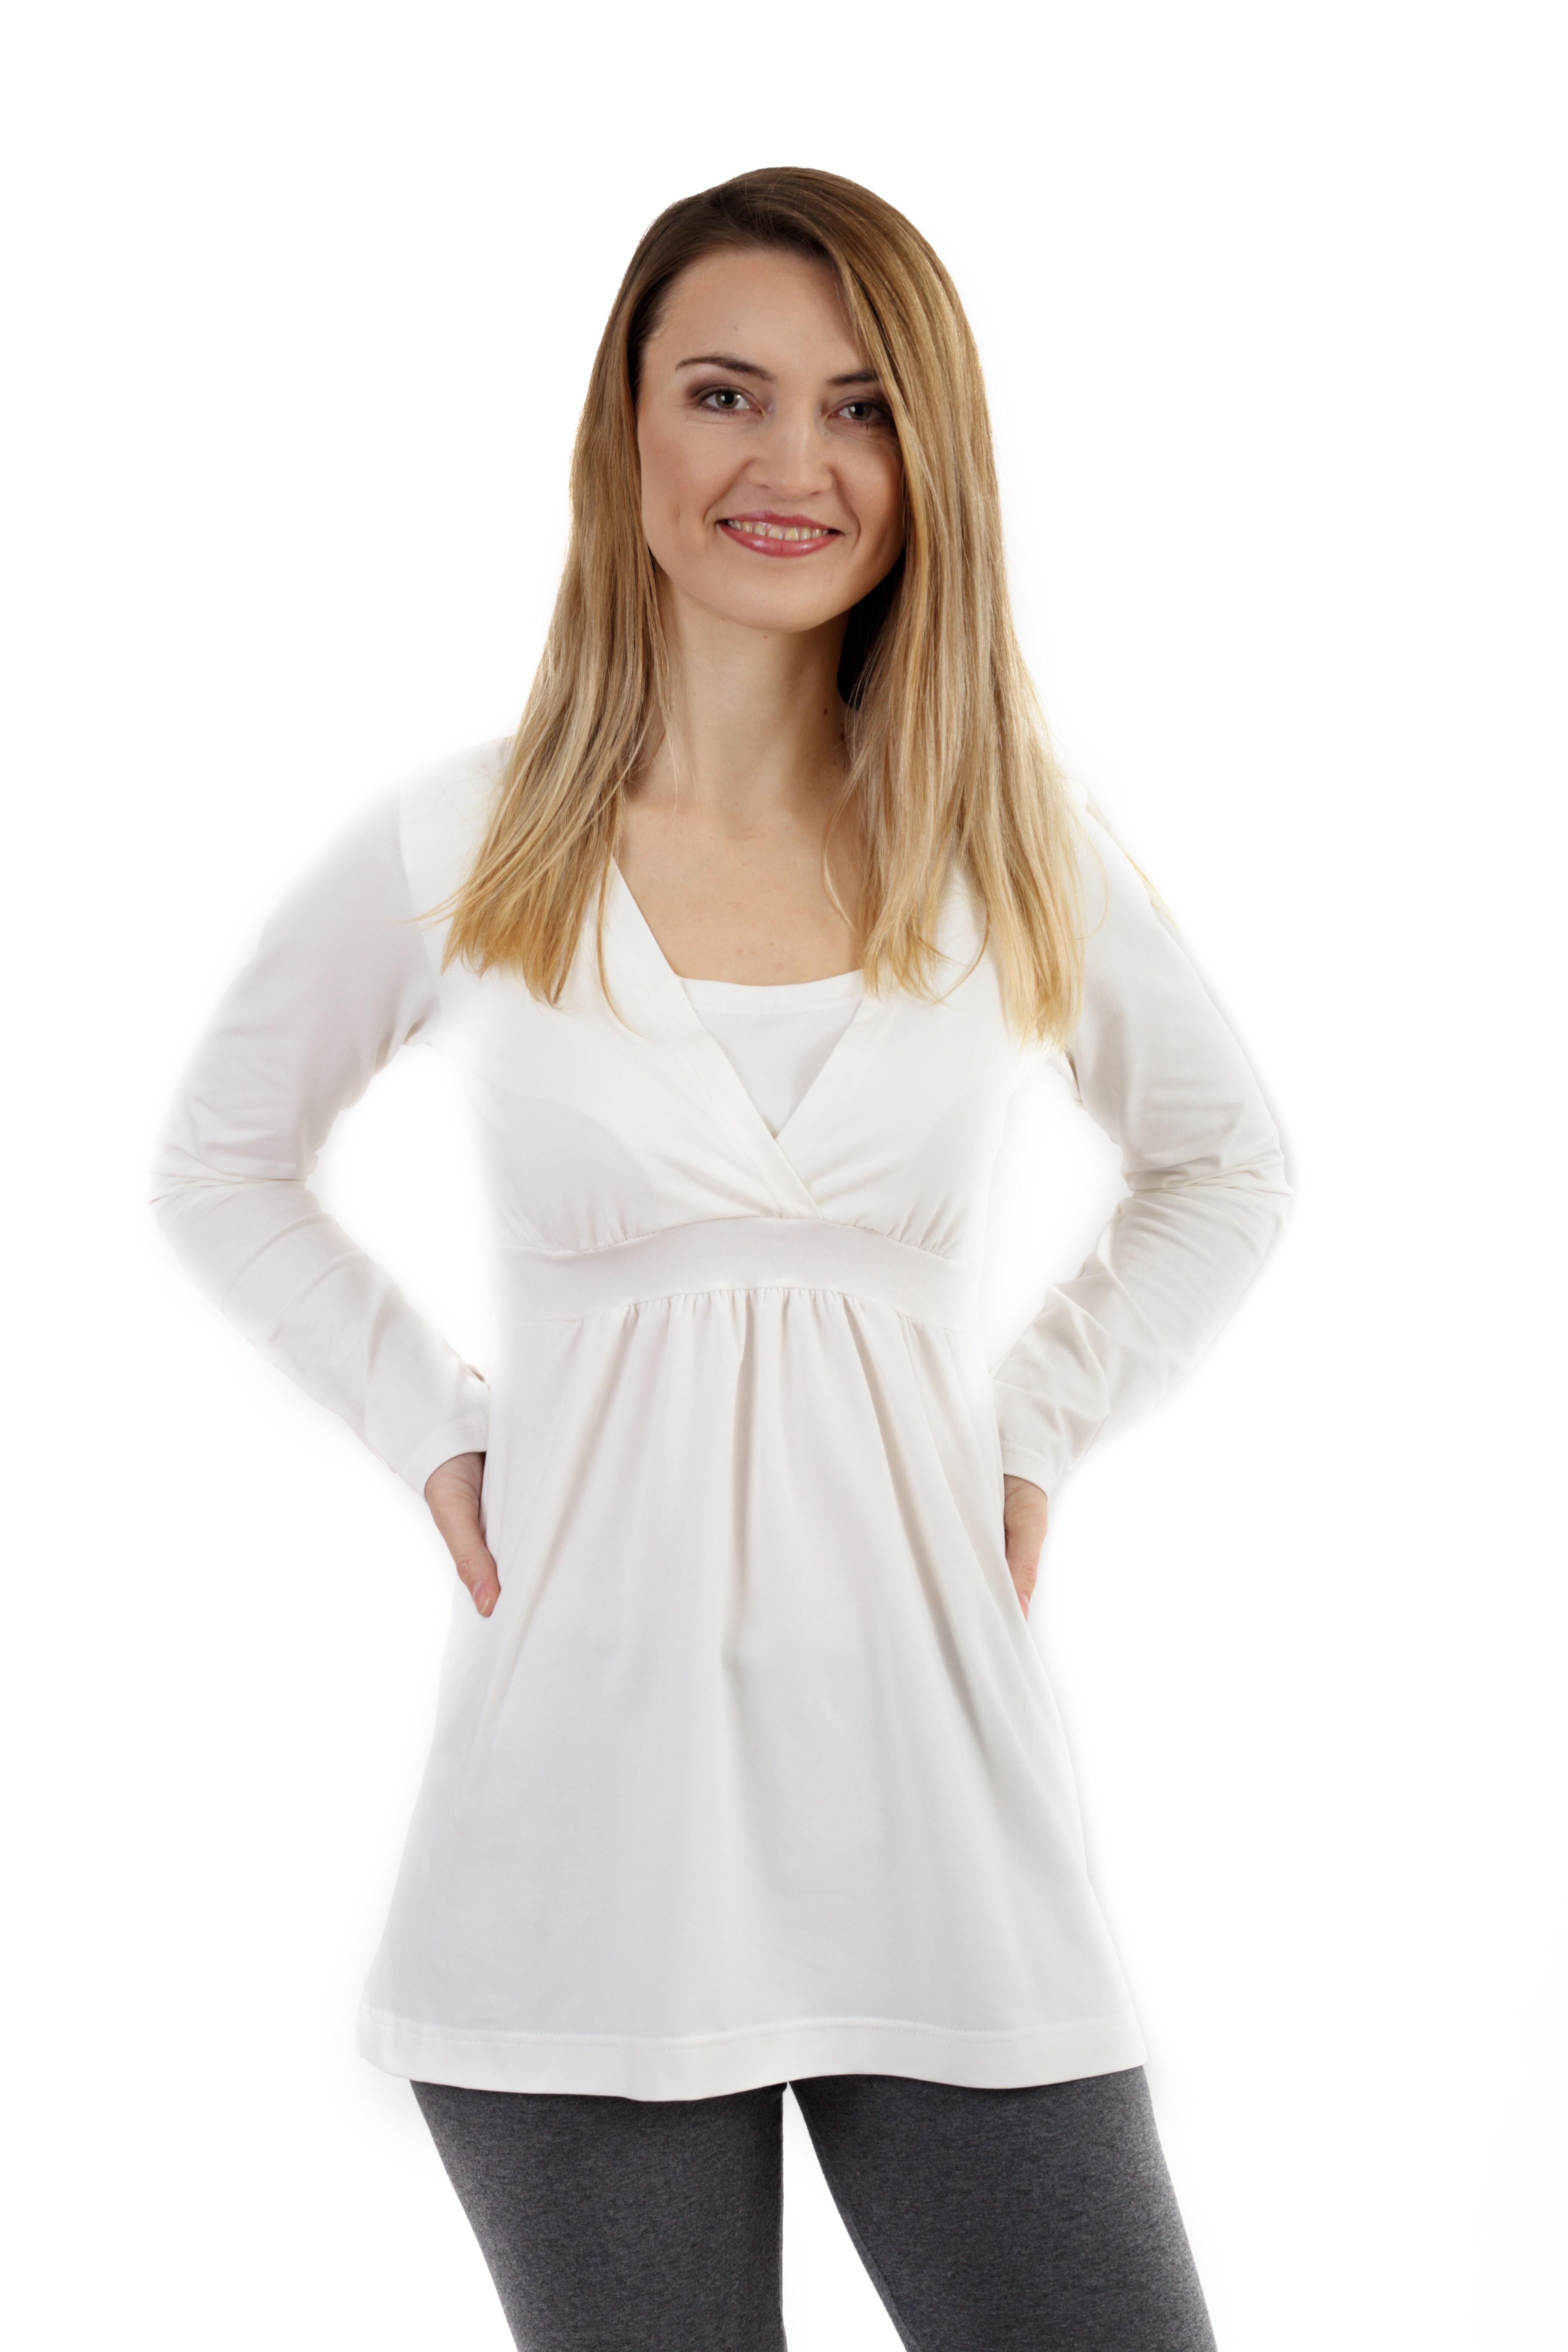 Těhotenská a kojicí tunika anička, dlouhý rukáv, smetanová s/m